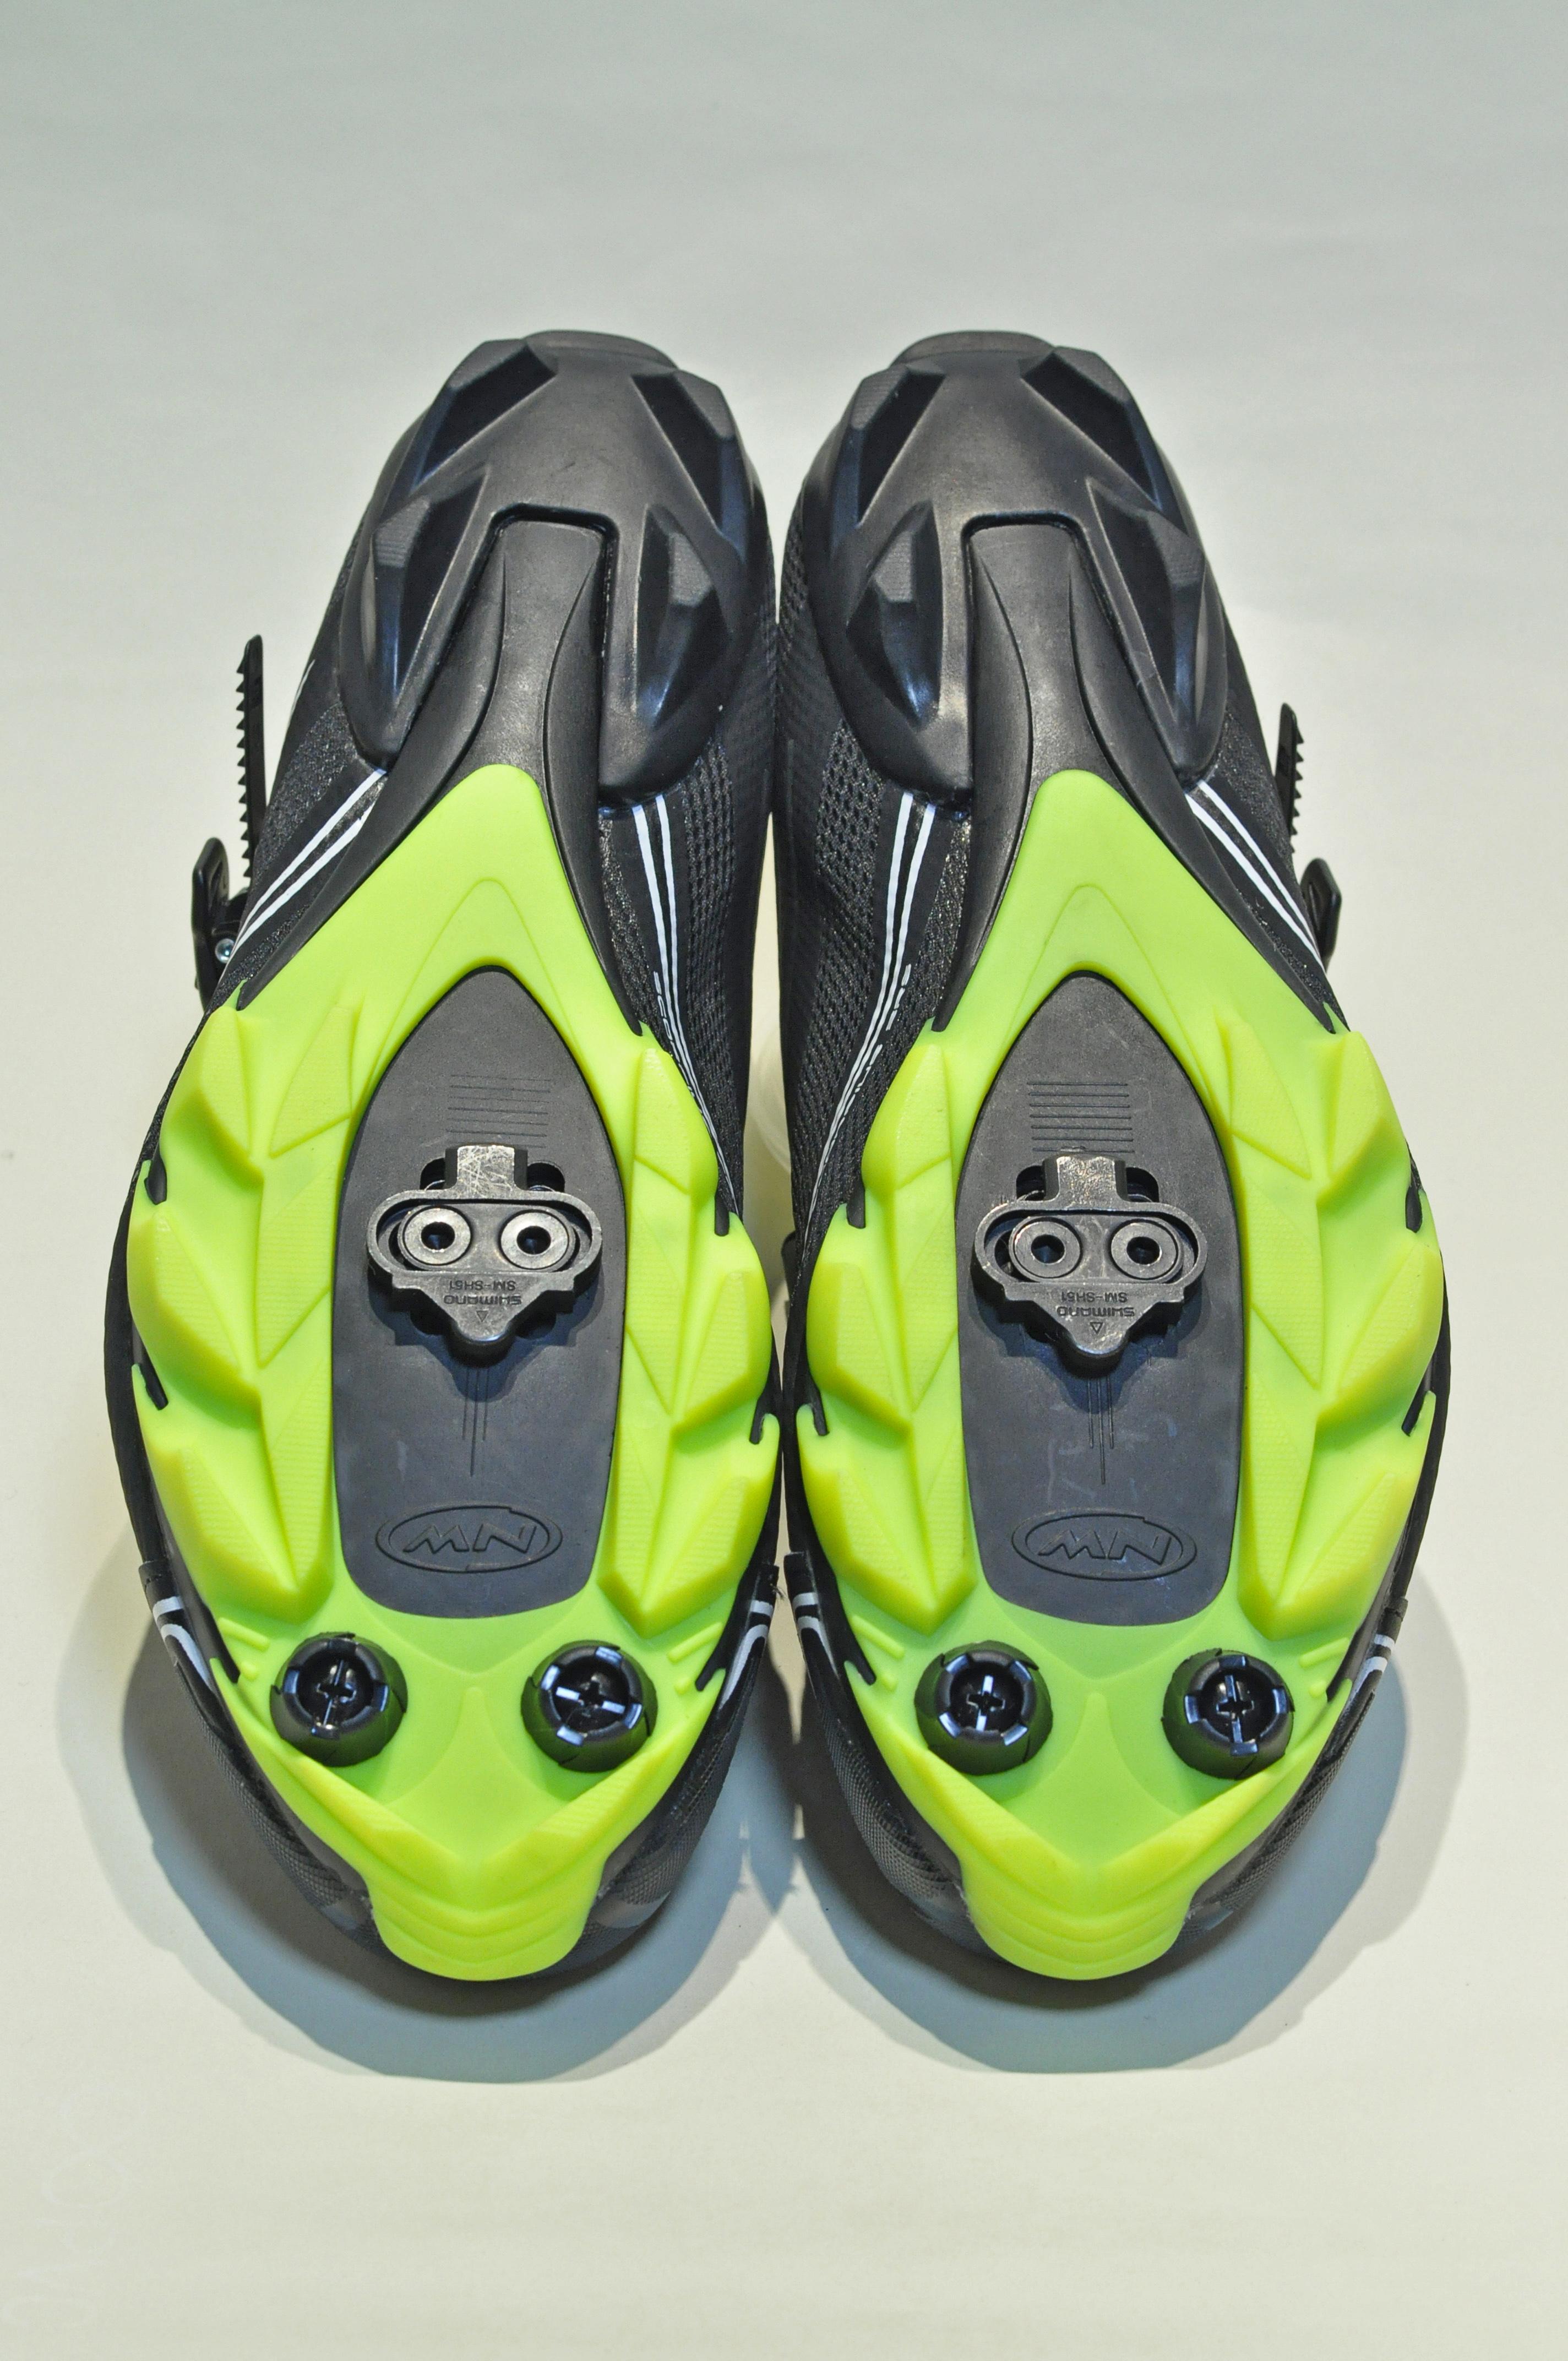 Shoe Brand Size Conversion Chart: Cleat (shoe) - Wikipedia,Chart